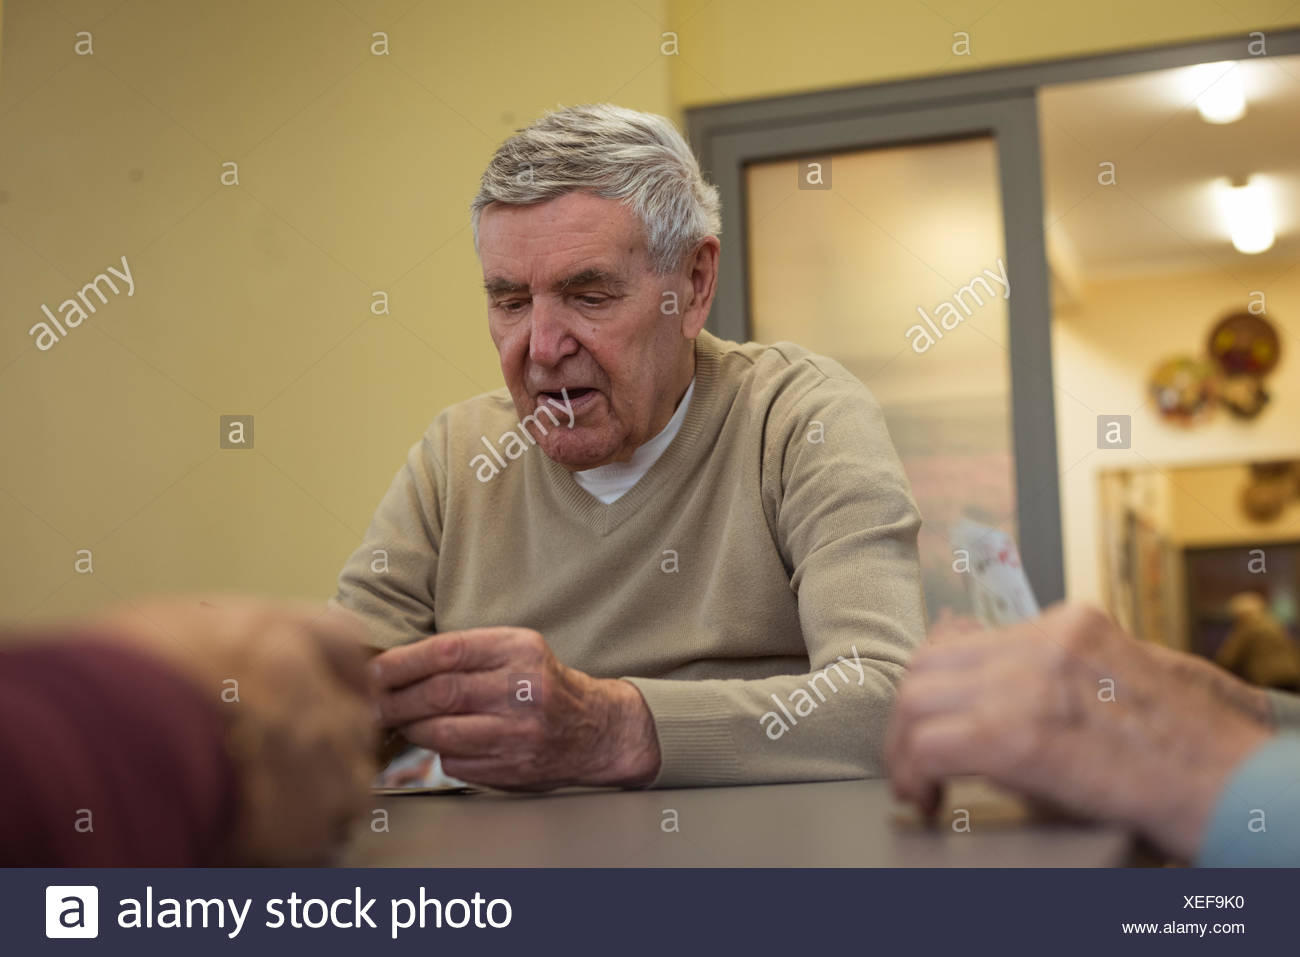 Senior man playing cards - Stock Image